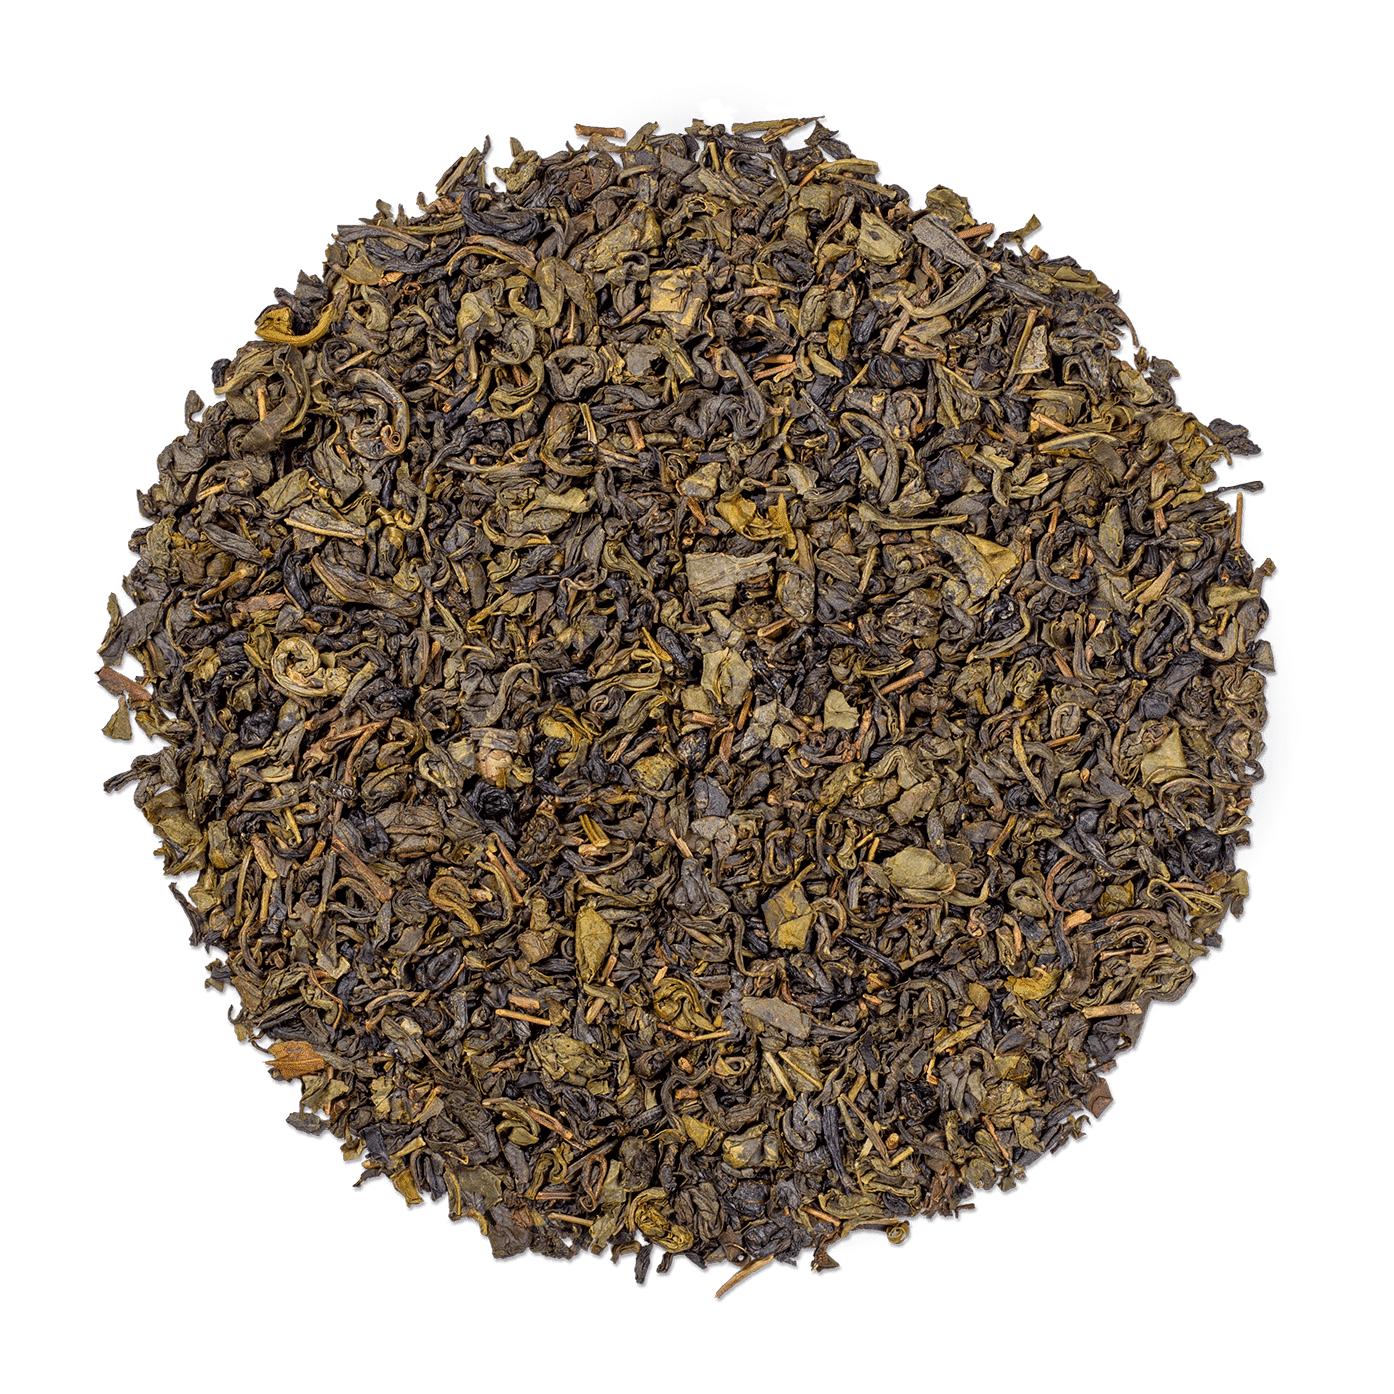 KUSMI TEA Vert Troïka bio - Thé vert, bergamote, agrumes - Kusmi Tea